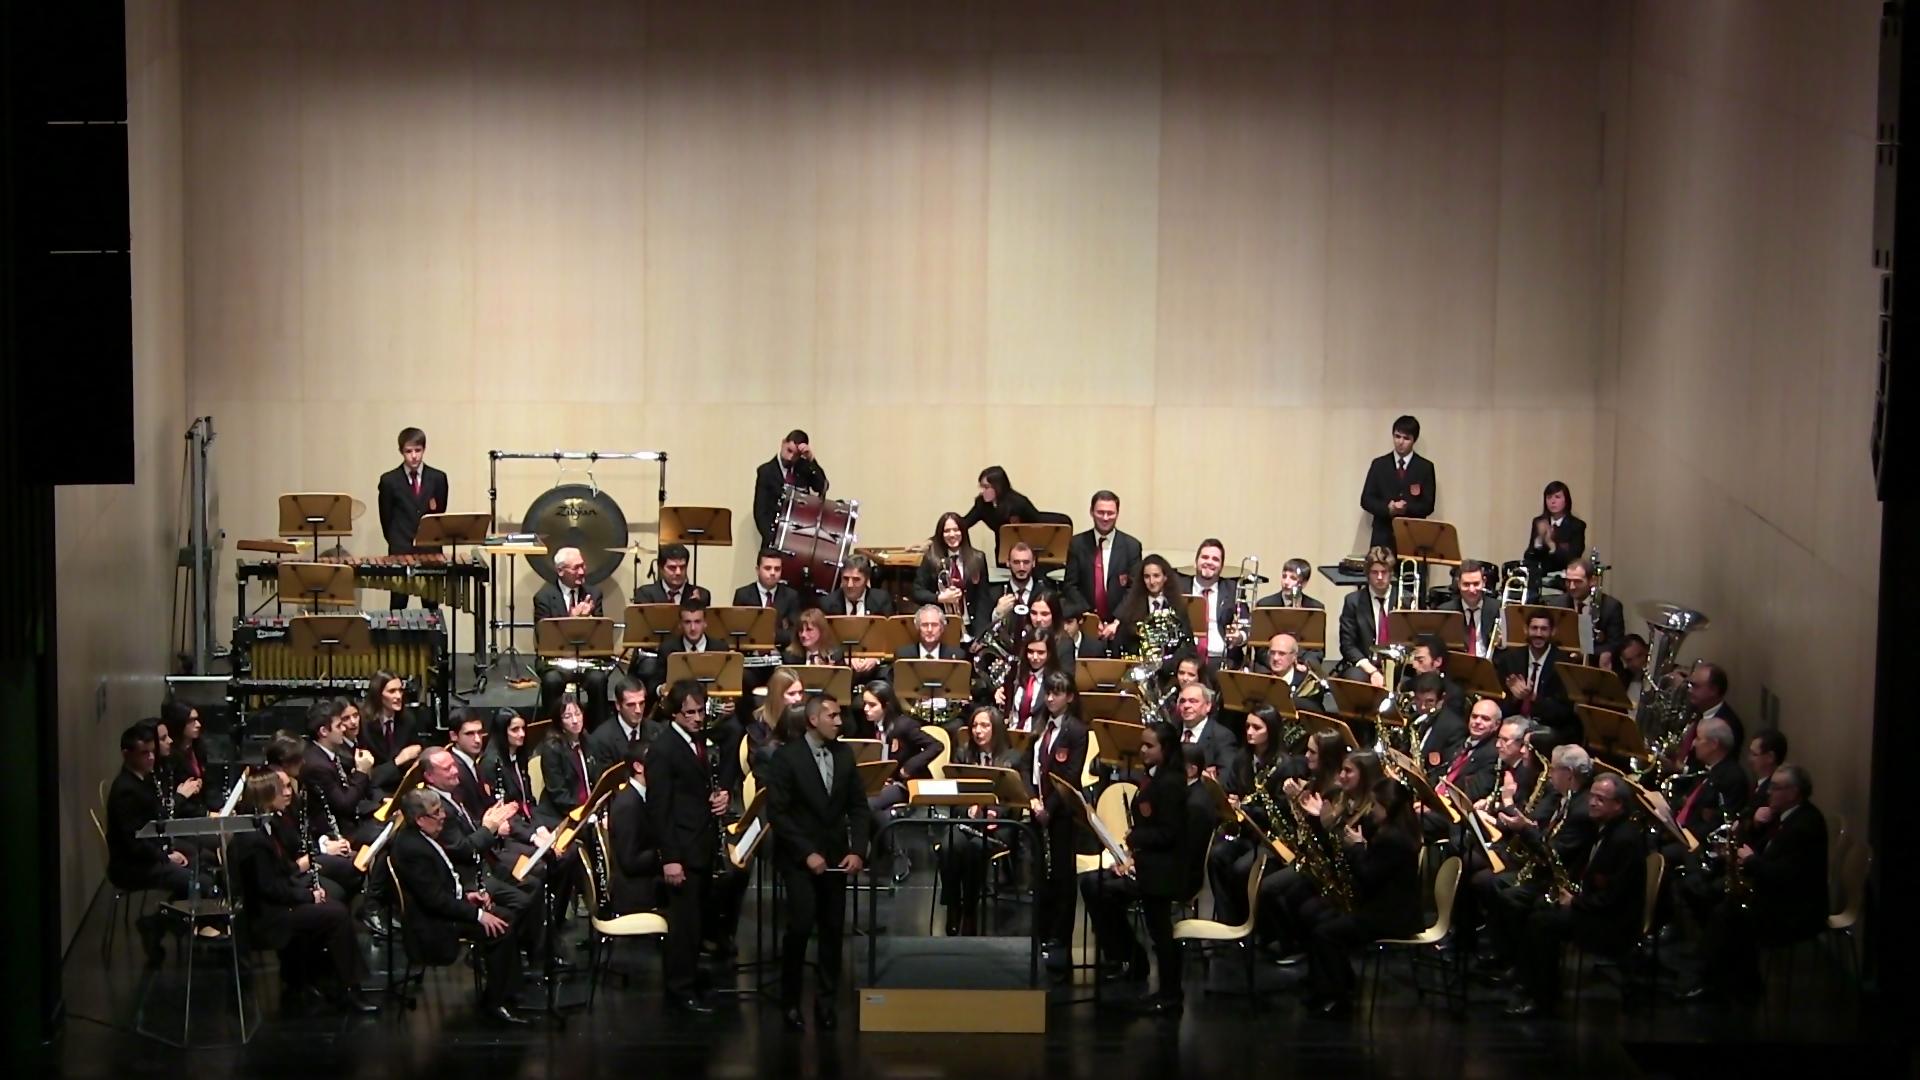 Banda Ciudad de Burgos I certamen provincial de bandas de Burgos dic 15 (12)